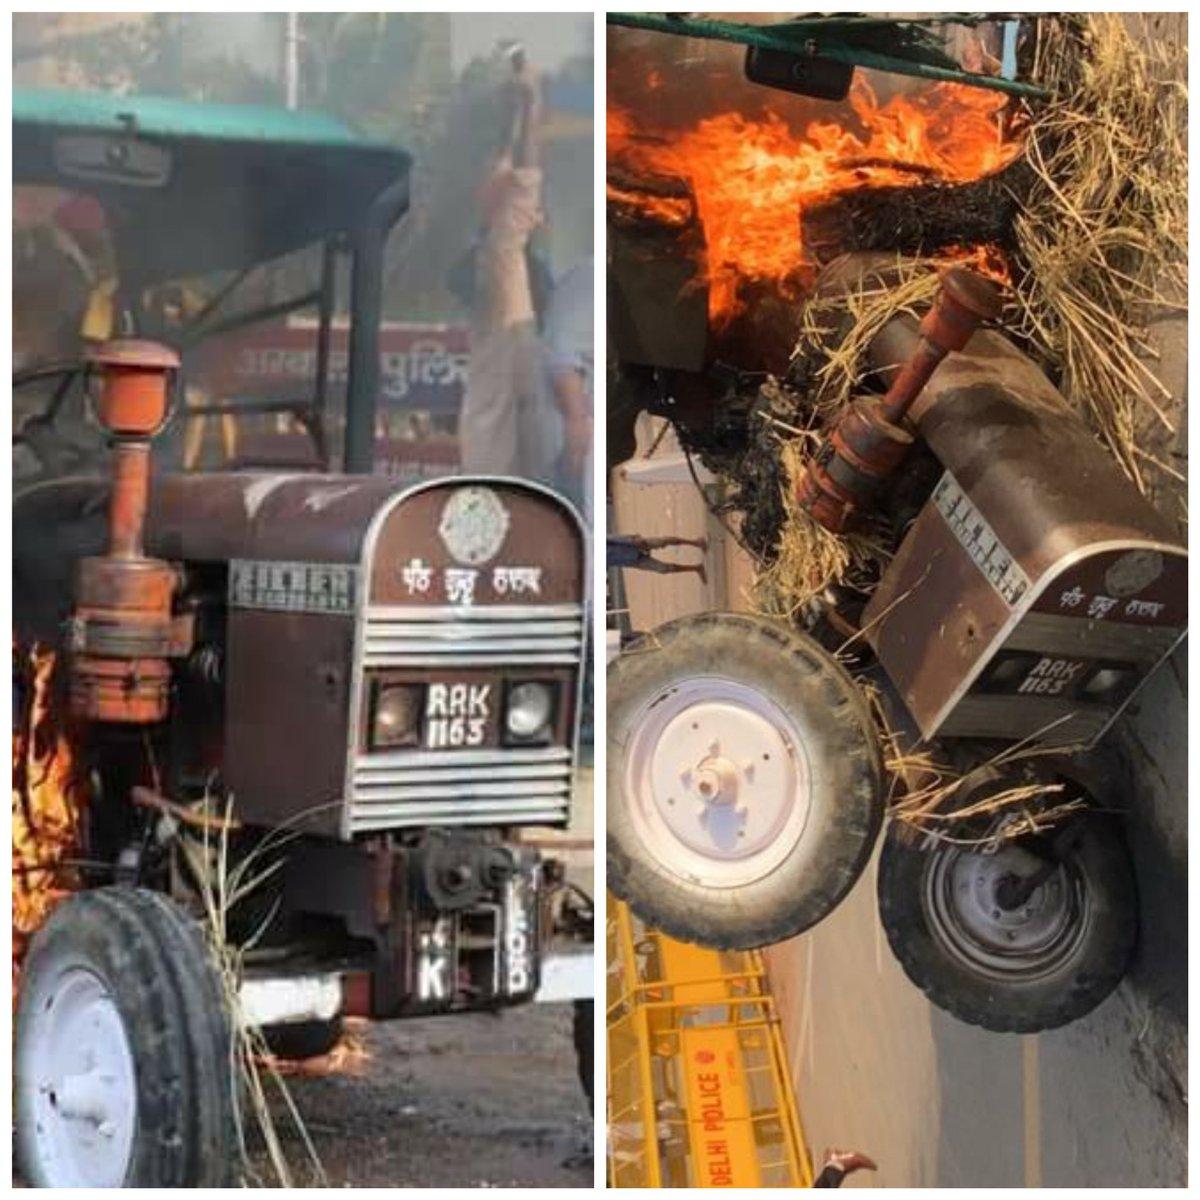 बाई तस्वीर पंजाब युथ कांग्रेस के 20 सितम्बर को अम्बाला के बॉर्डर पर किये धरने में आग लगाए गए ट्रैक्टर की है और दाई तस्वीर जो ट्रैक्टर आज इंडिया गेट पर लाया गया, नंबर प्लेट देखे तो दोनों एक ही ट्रेक्टर है @ManojTiwariMP  @KapilMishra_IND  @p_sahibsingh @INCIndia @TajinderBagga https://t.co/y59KH6DO3l